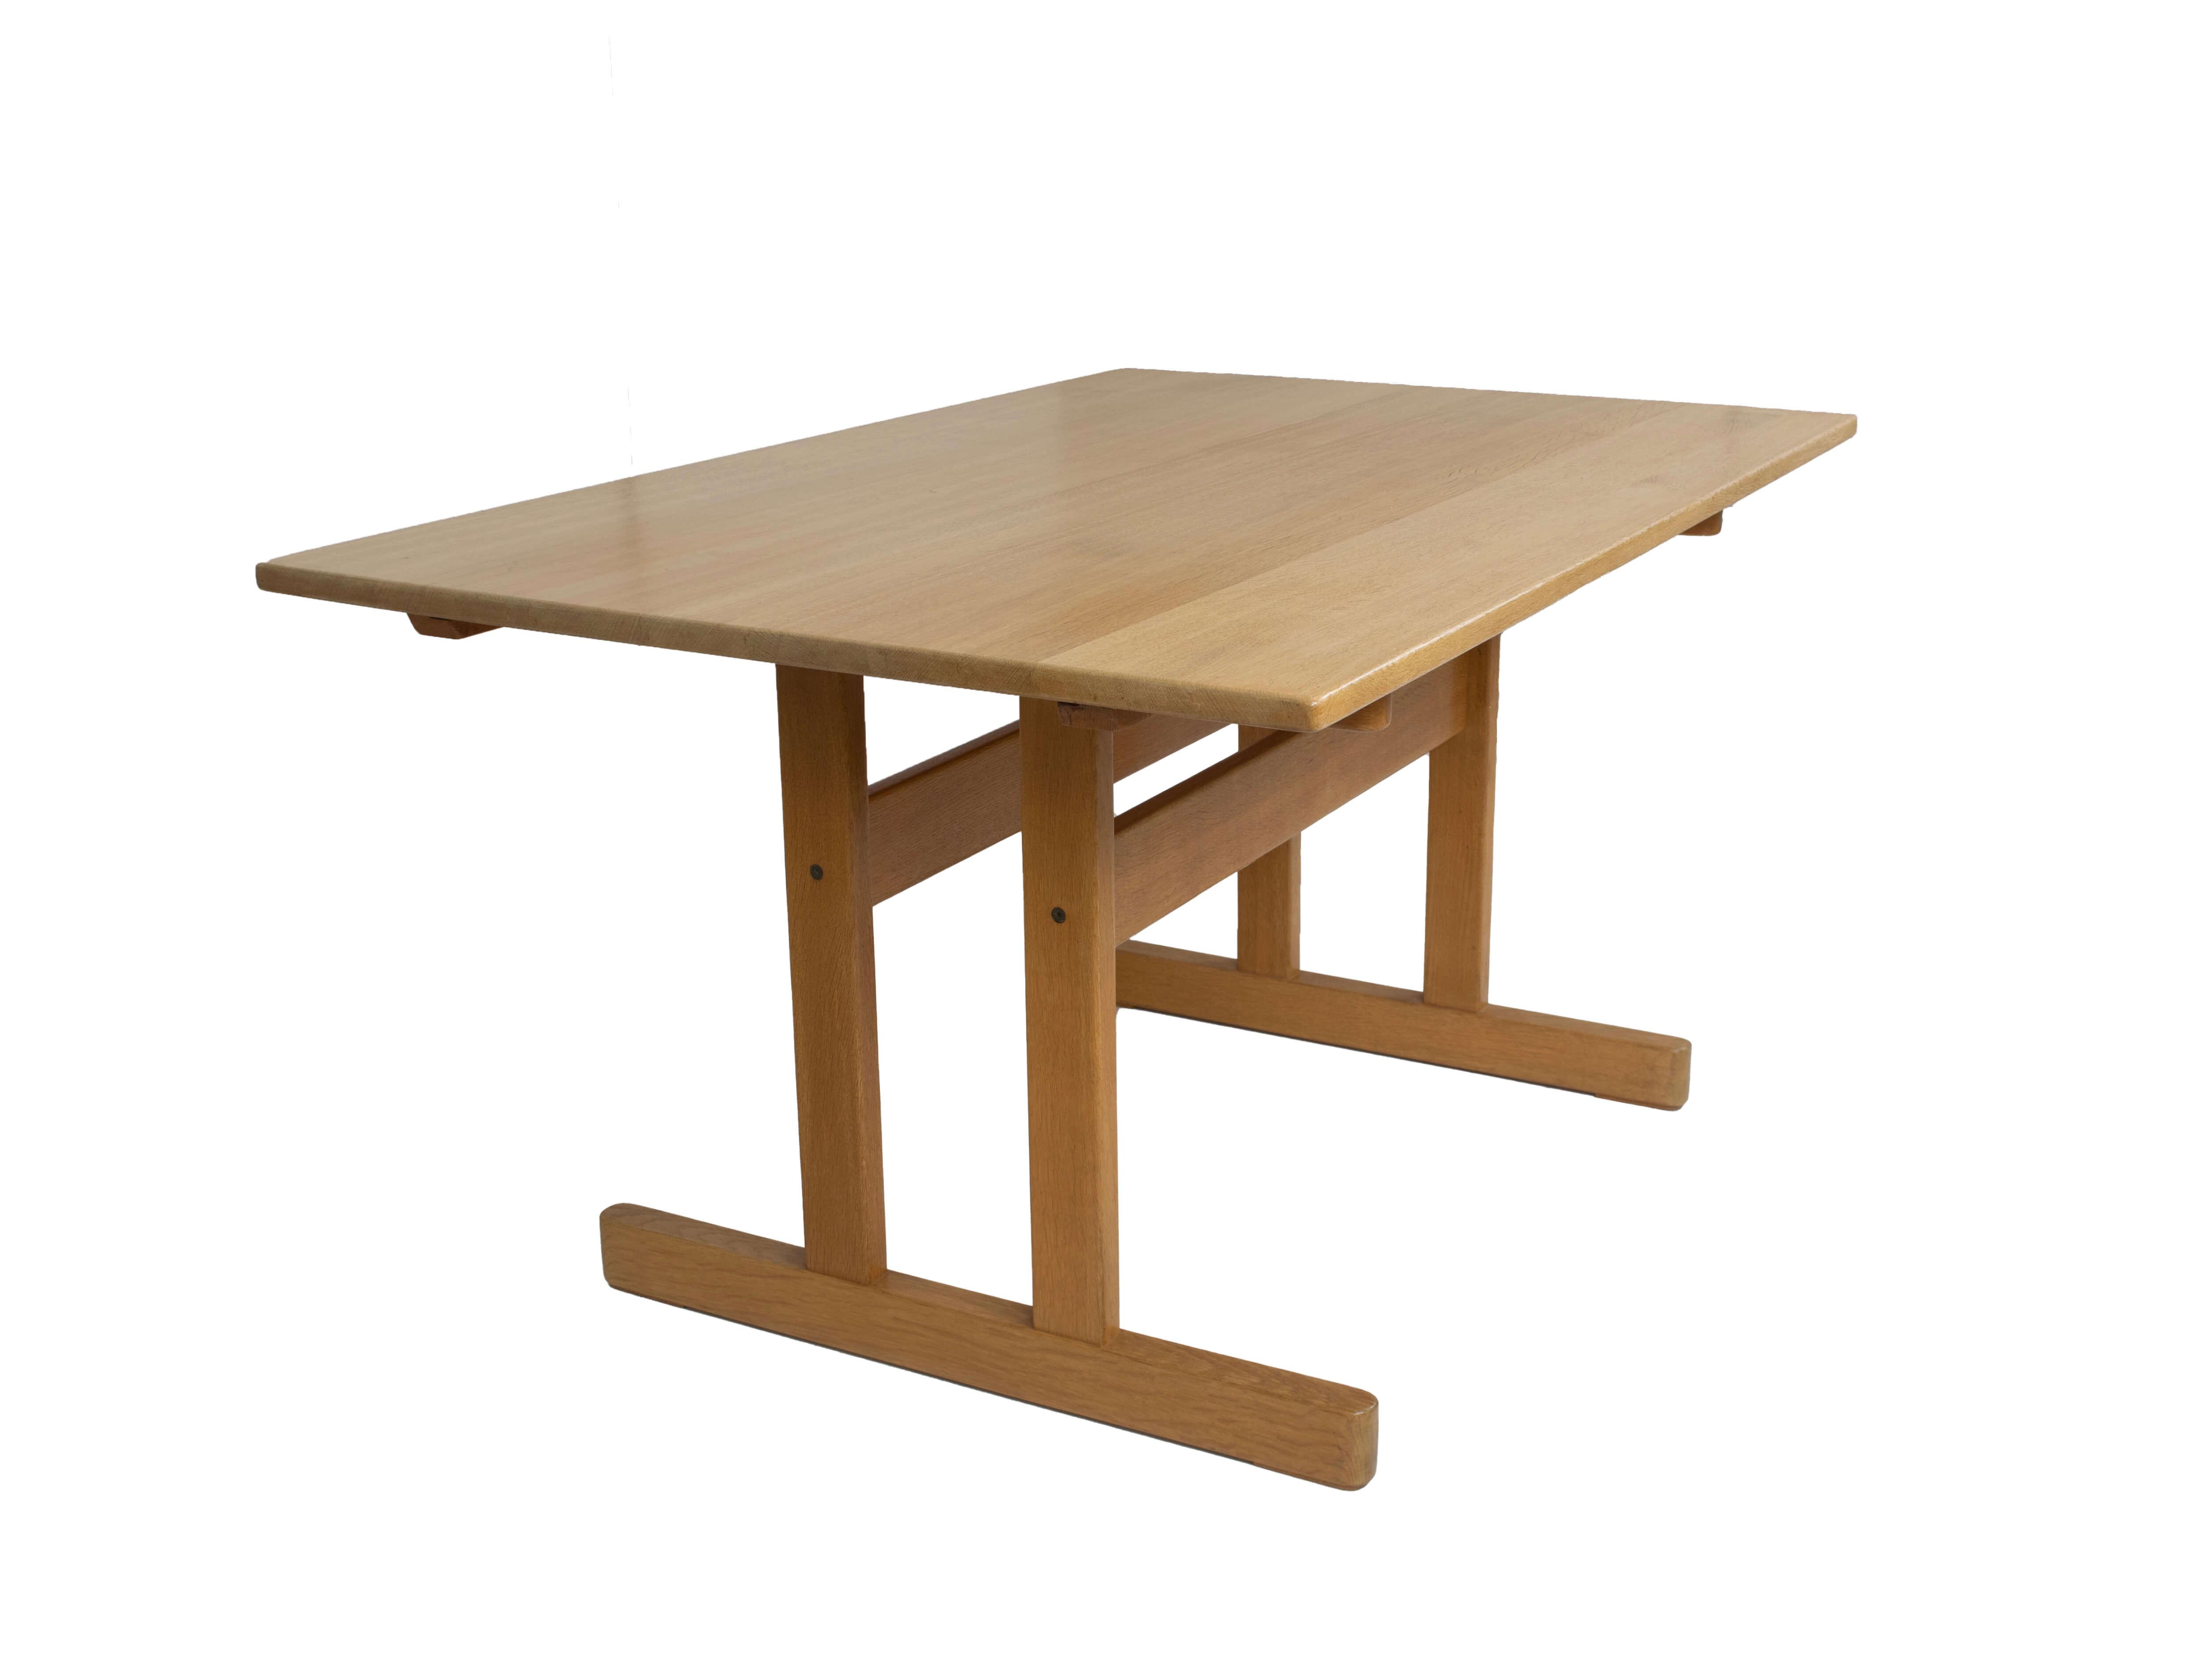 Shaker Dining Table by Kurt Østervig for KP Møbler, Denmark 1976